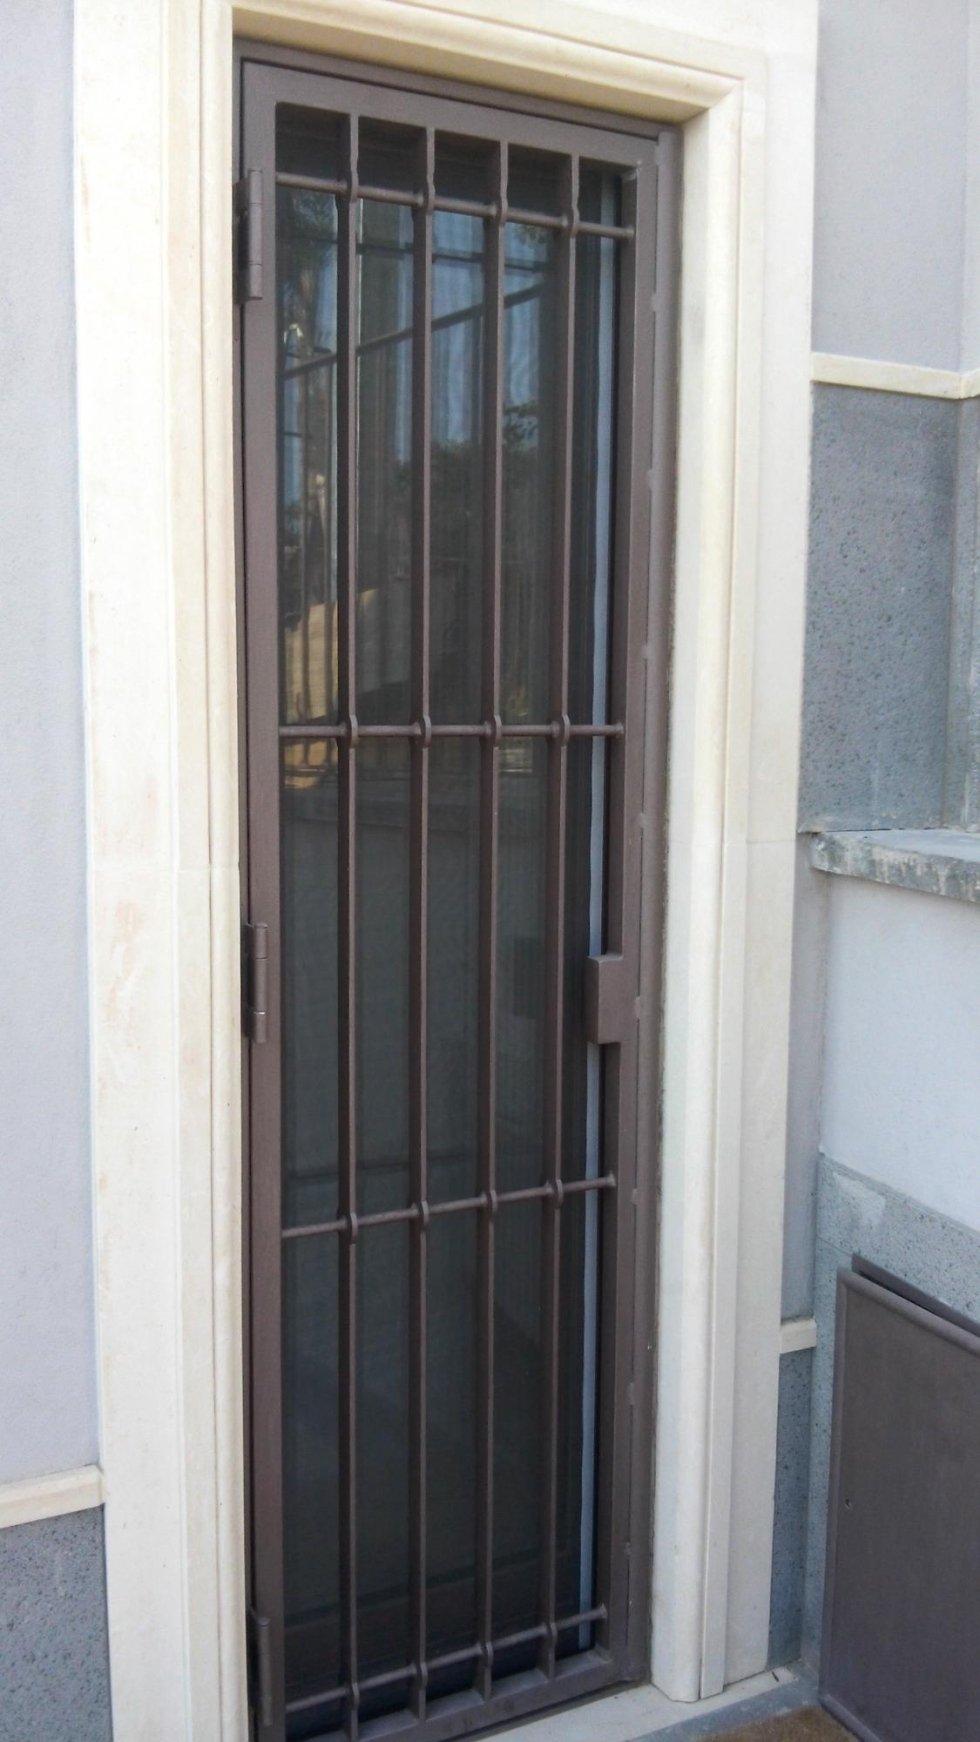 una serranda di una finestra